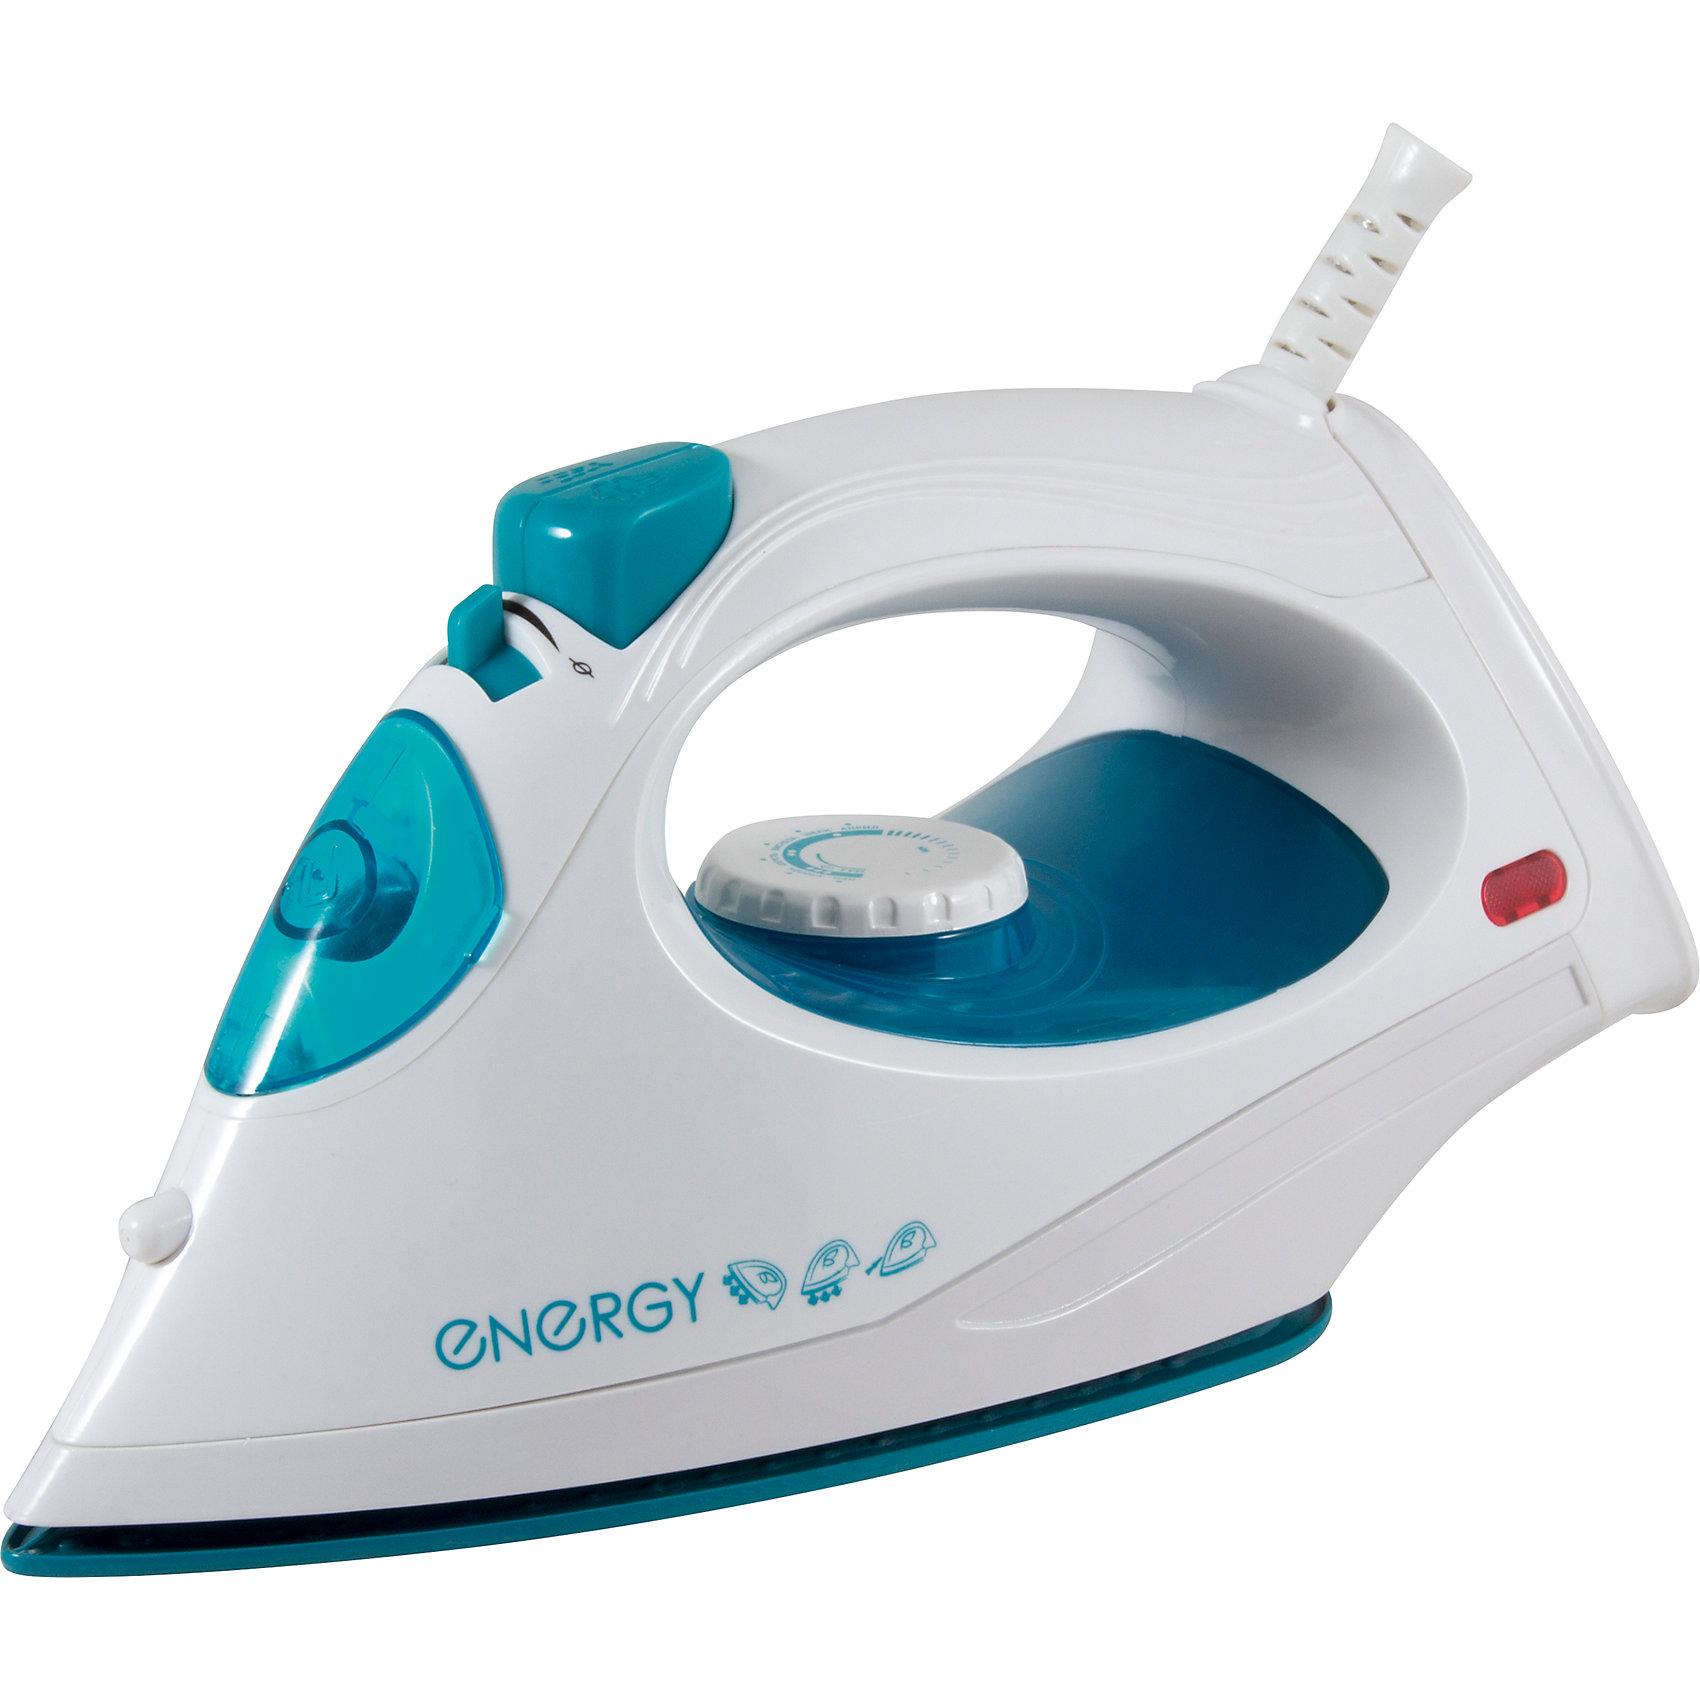 Утюг ENERGY EN-336, бирюзовый, ENERGYБытовая техника для кухни<br>Утюг ENERGY EN-336, бирюзовый, ENERGY (Энерджи)<br><br>Характеристики:<br><br>• тефлоновая подошва<br>• пар<br>• спрей<br>• вертикальное отпаривание<br>• паровой удар<br>• мощность: 1800 Вт<br>• цвет: бирюзовый<br><br>Утюг ENERGY EN-336 быстро и качественно выгладит ваши вещи, делая их красивыми и опрятными. Утюг имеет тефлоновую подошву, хорошо скользящую по ткани. Функция вертикального отпаривания поможет вам справиться с объемными вещами. Все необходимые функции : спрей, пар, паровой удар. Мощность - 1800Вт.<br><br>Утюг ENERGY EN-336, бирюзовый, ENERGY (Энерджи) можно купить в нашем интернет-магазине.<br><br>Ширина мм: 270<br>Глубина мм: 110<br>Высота мм: 150<br>Вес г: 967<br>Возраст от месяцев: 216<br>Возраст до месяцев: 1188<br>Пол: Унисекс<br>Возраст: Детский<br>SKU: 5454032